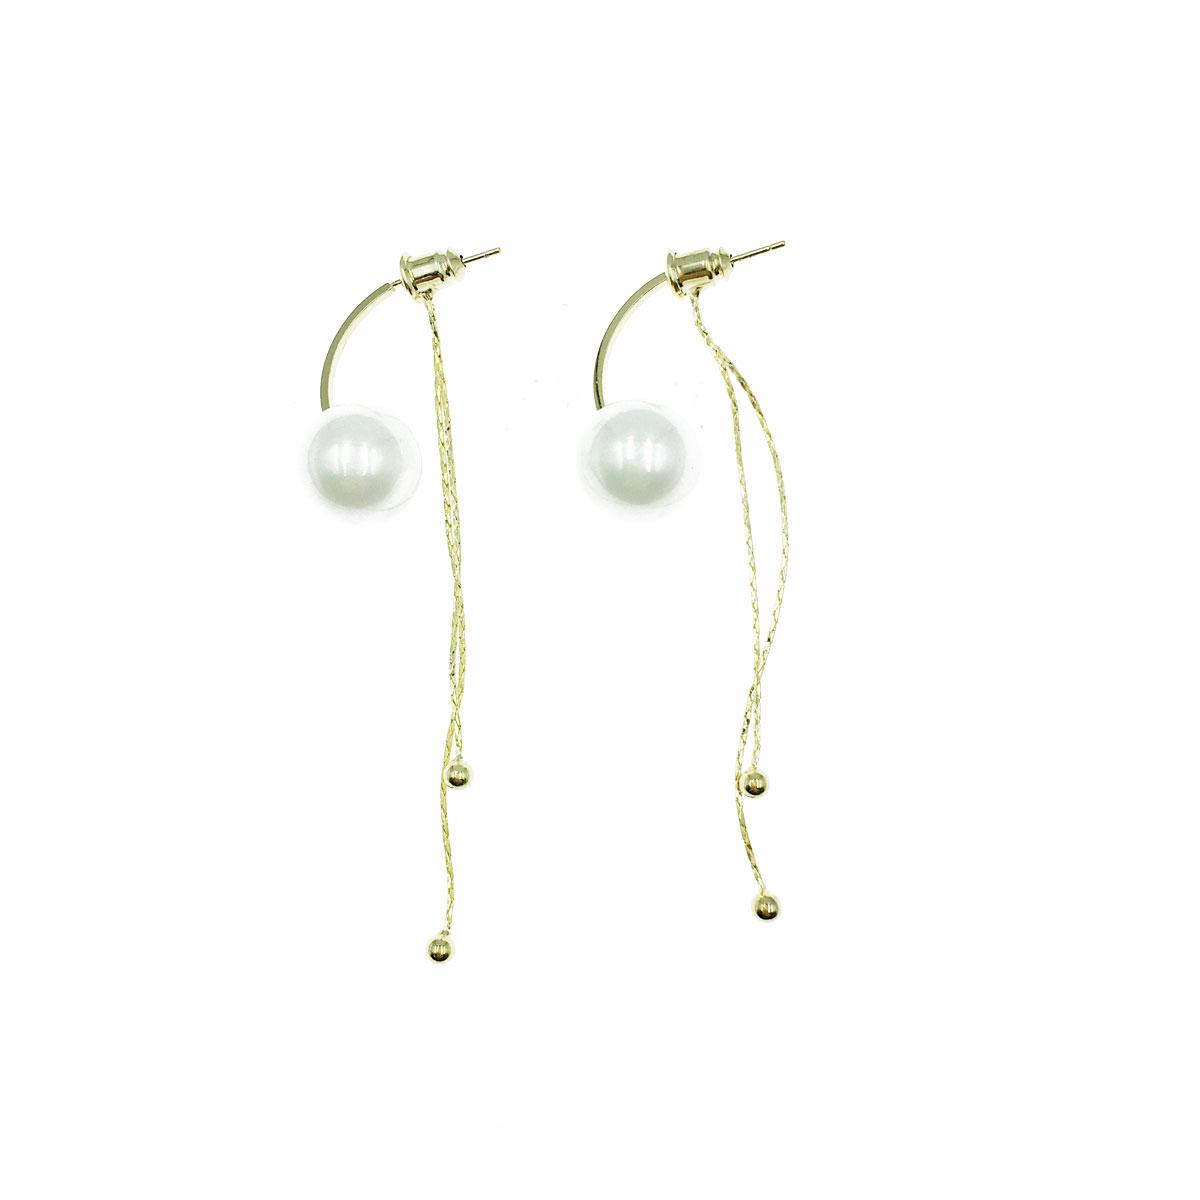 韓國 925純銀 珍珠 後扣式 垂墜感 耳針式 耳環